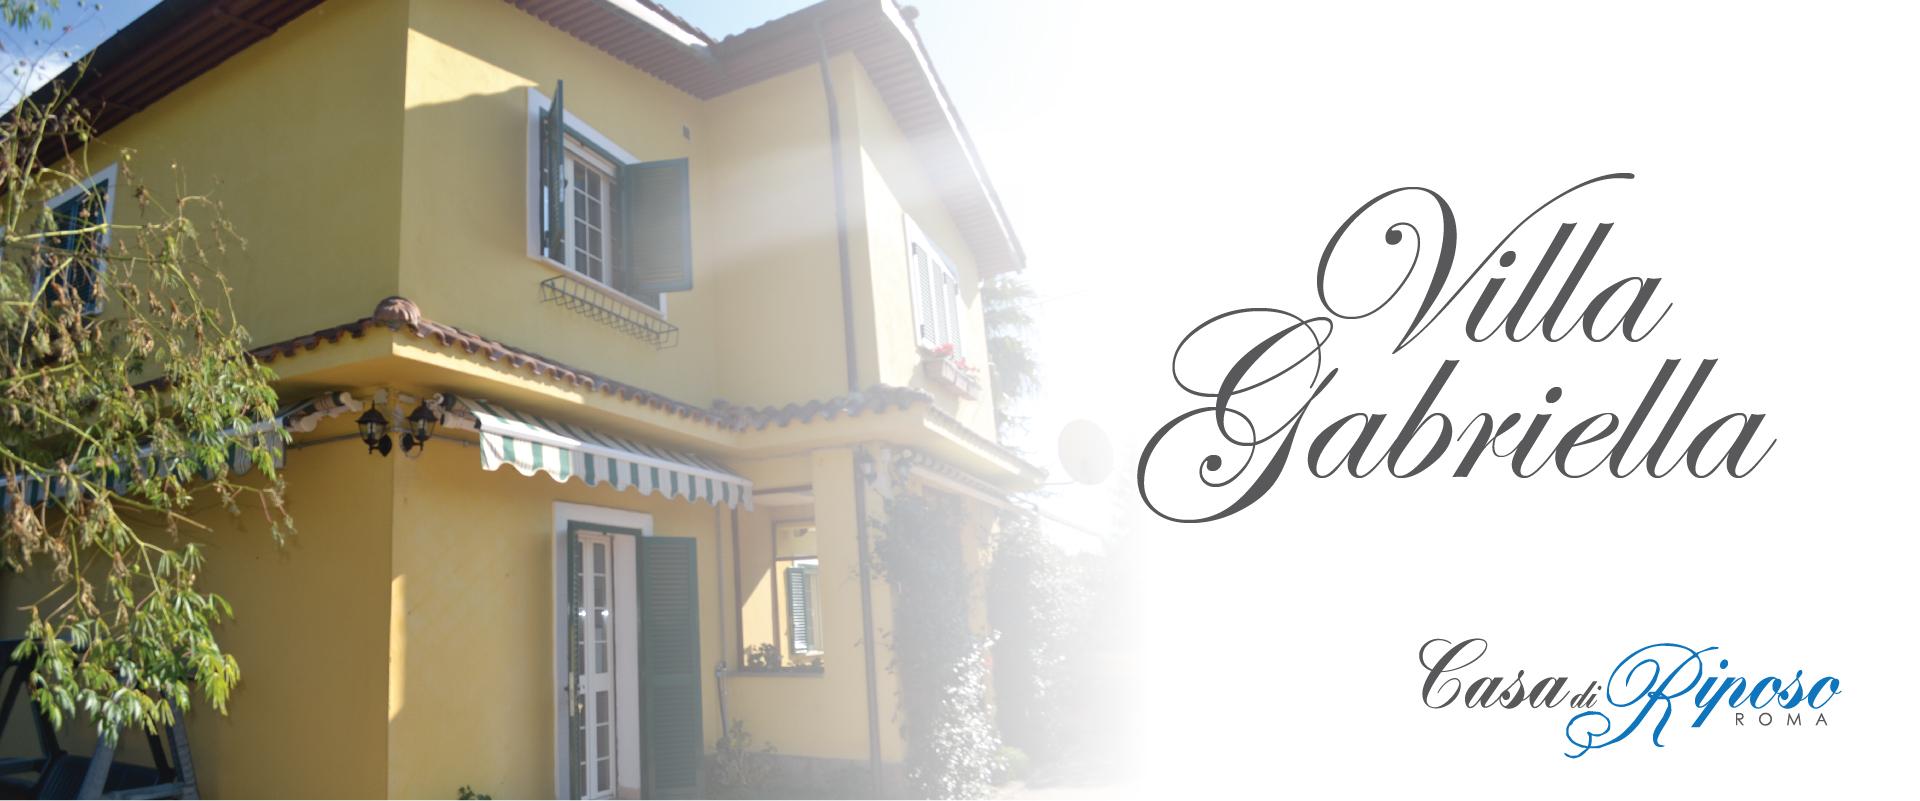 3-Slide – Casa di Riposo Velletri Villa Gabriella